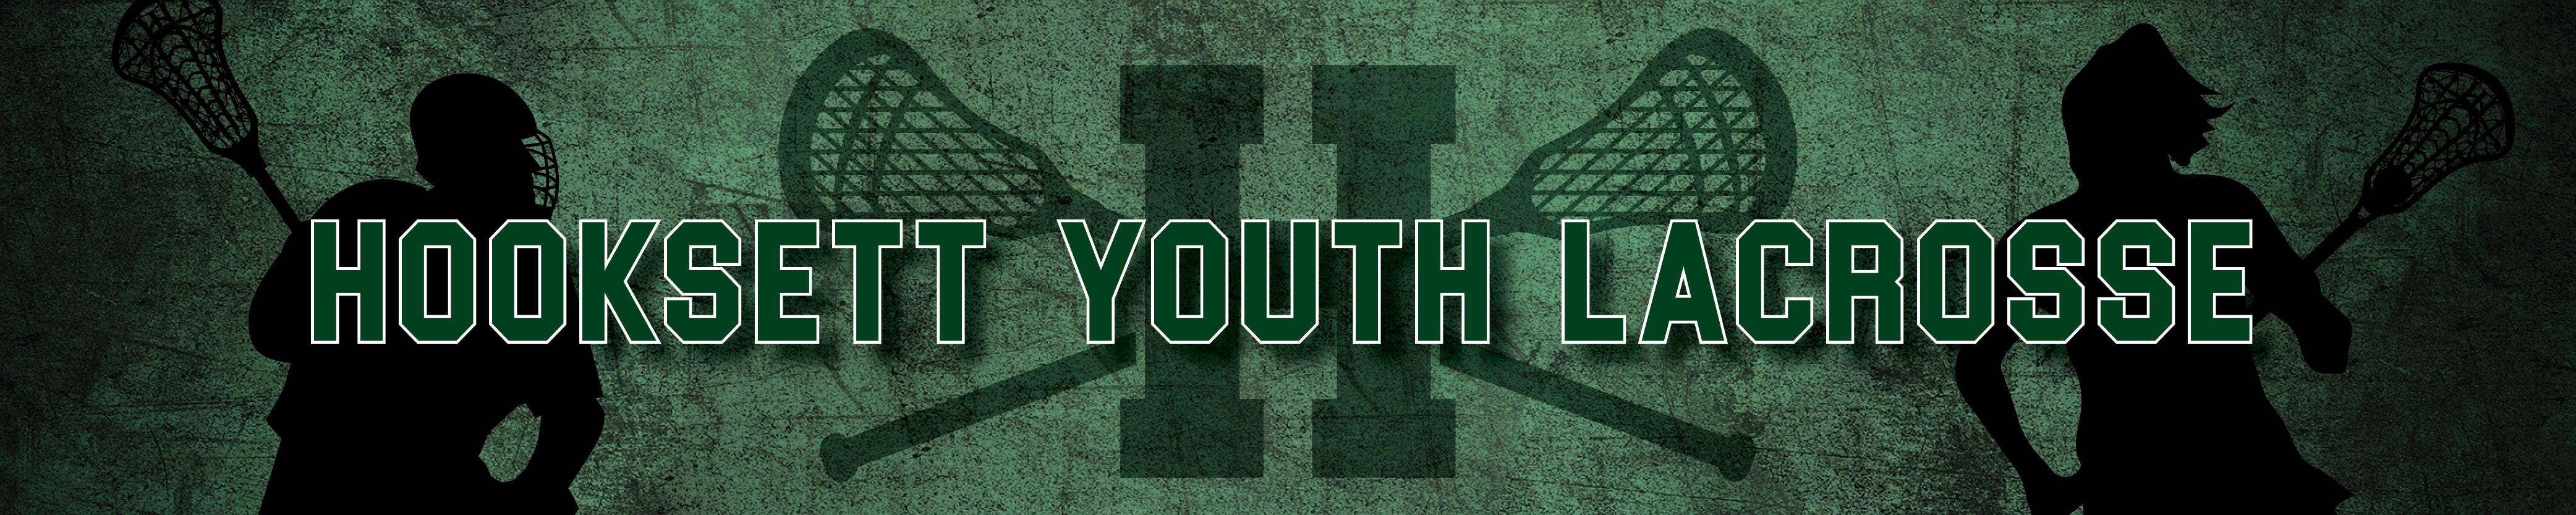 Hooksett Youth Lacrosse, Lacrosse, Goal, Field